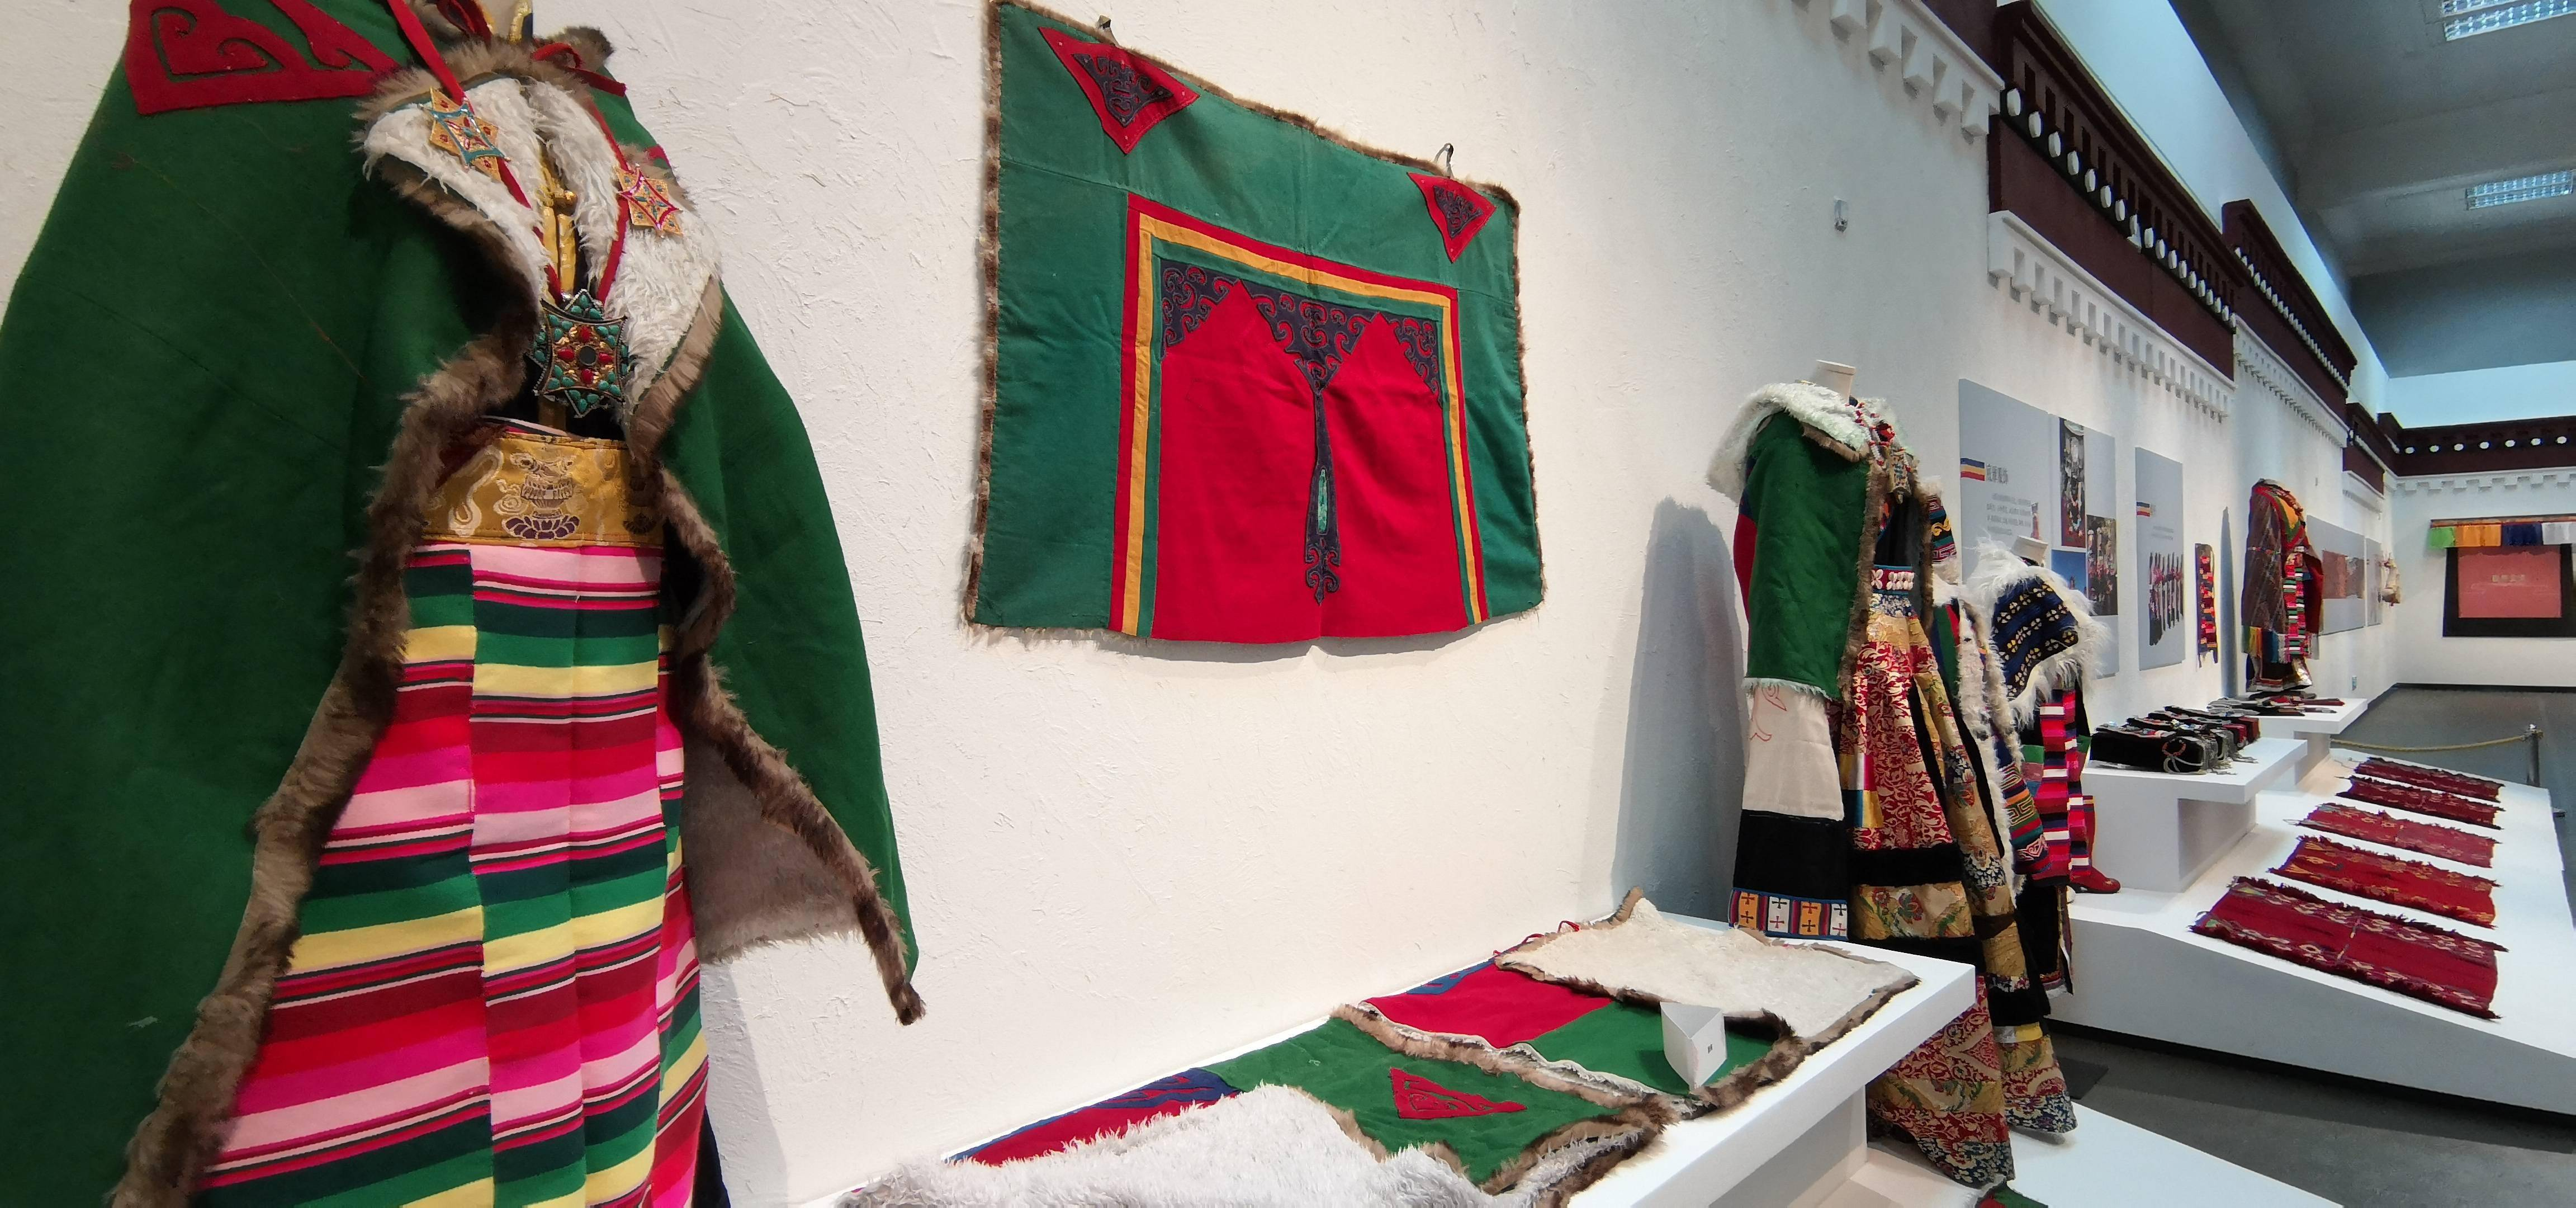 """河北博物院恢复开放 推出新展""""天际风情——西藏阿里民俗文化(旅游)展"""""""